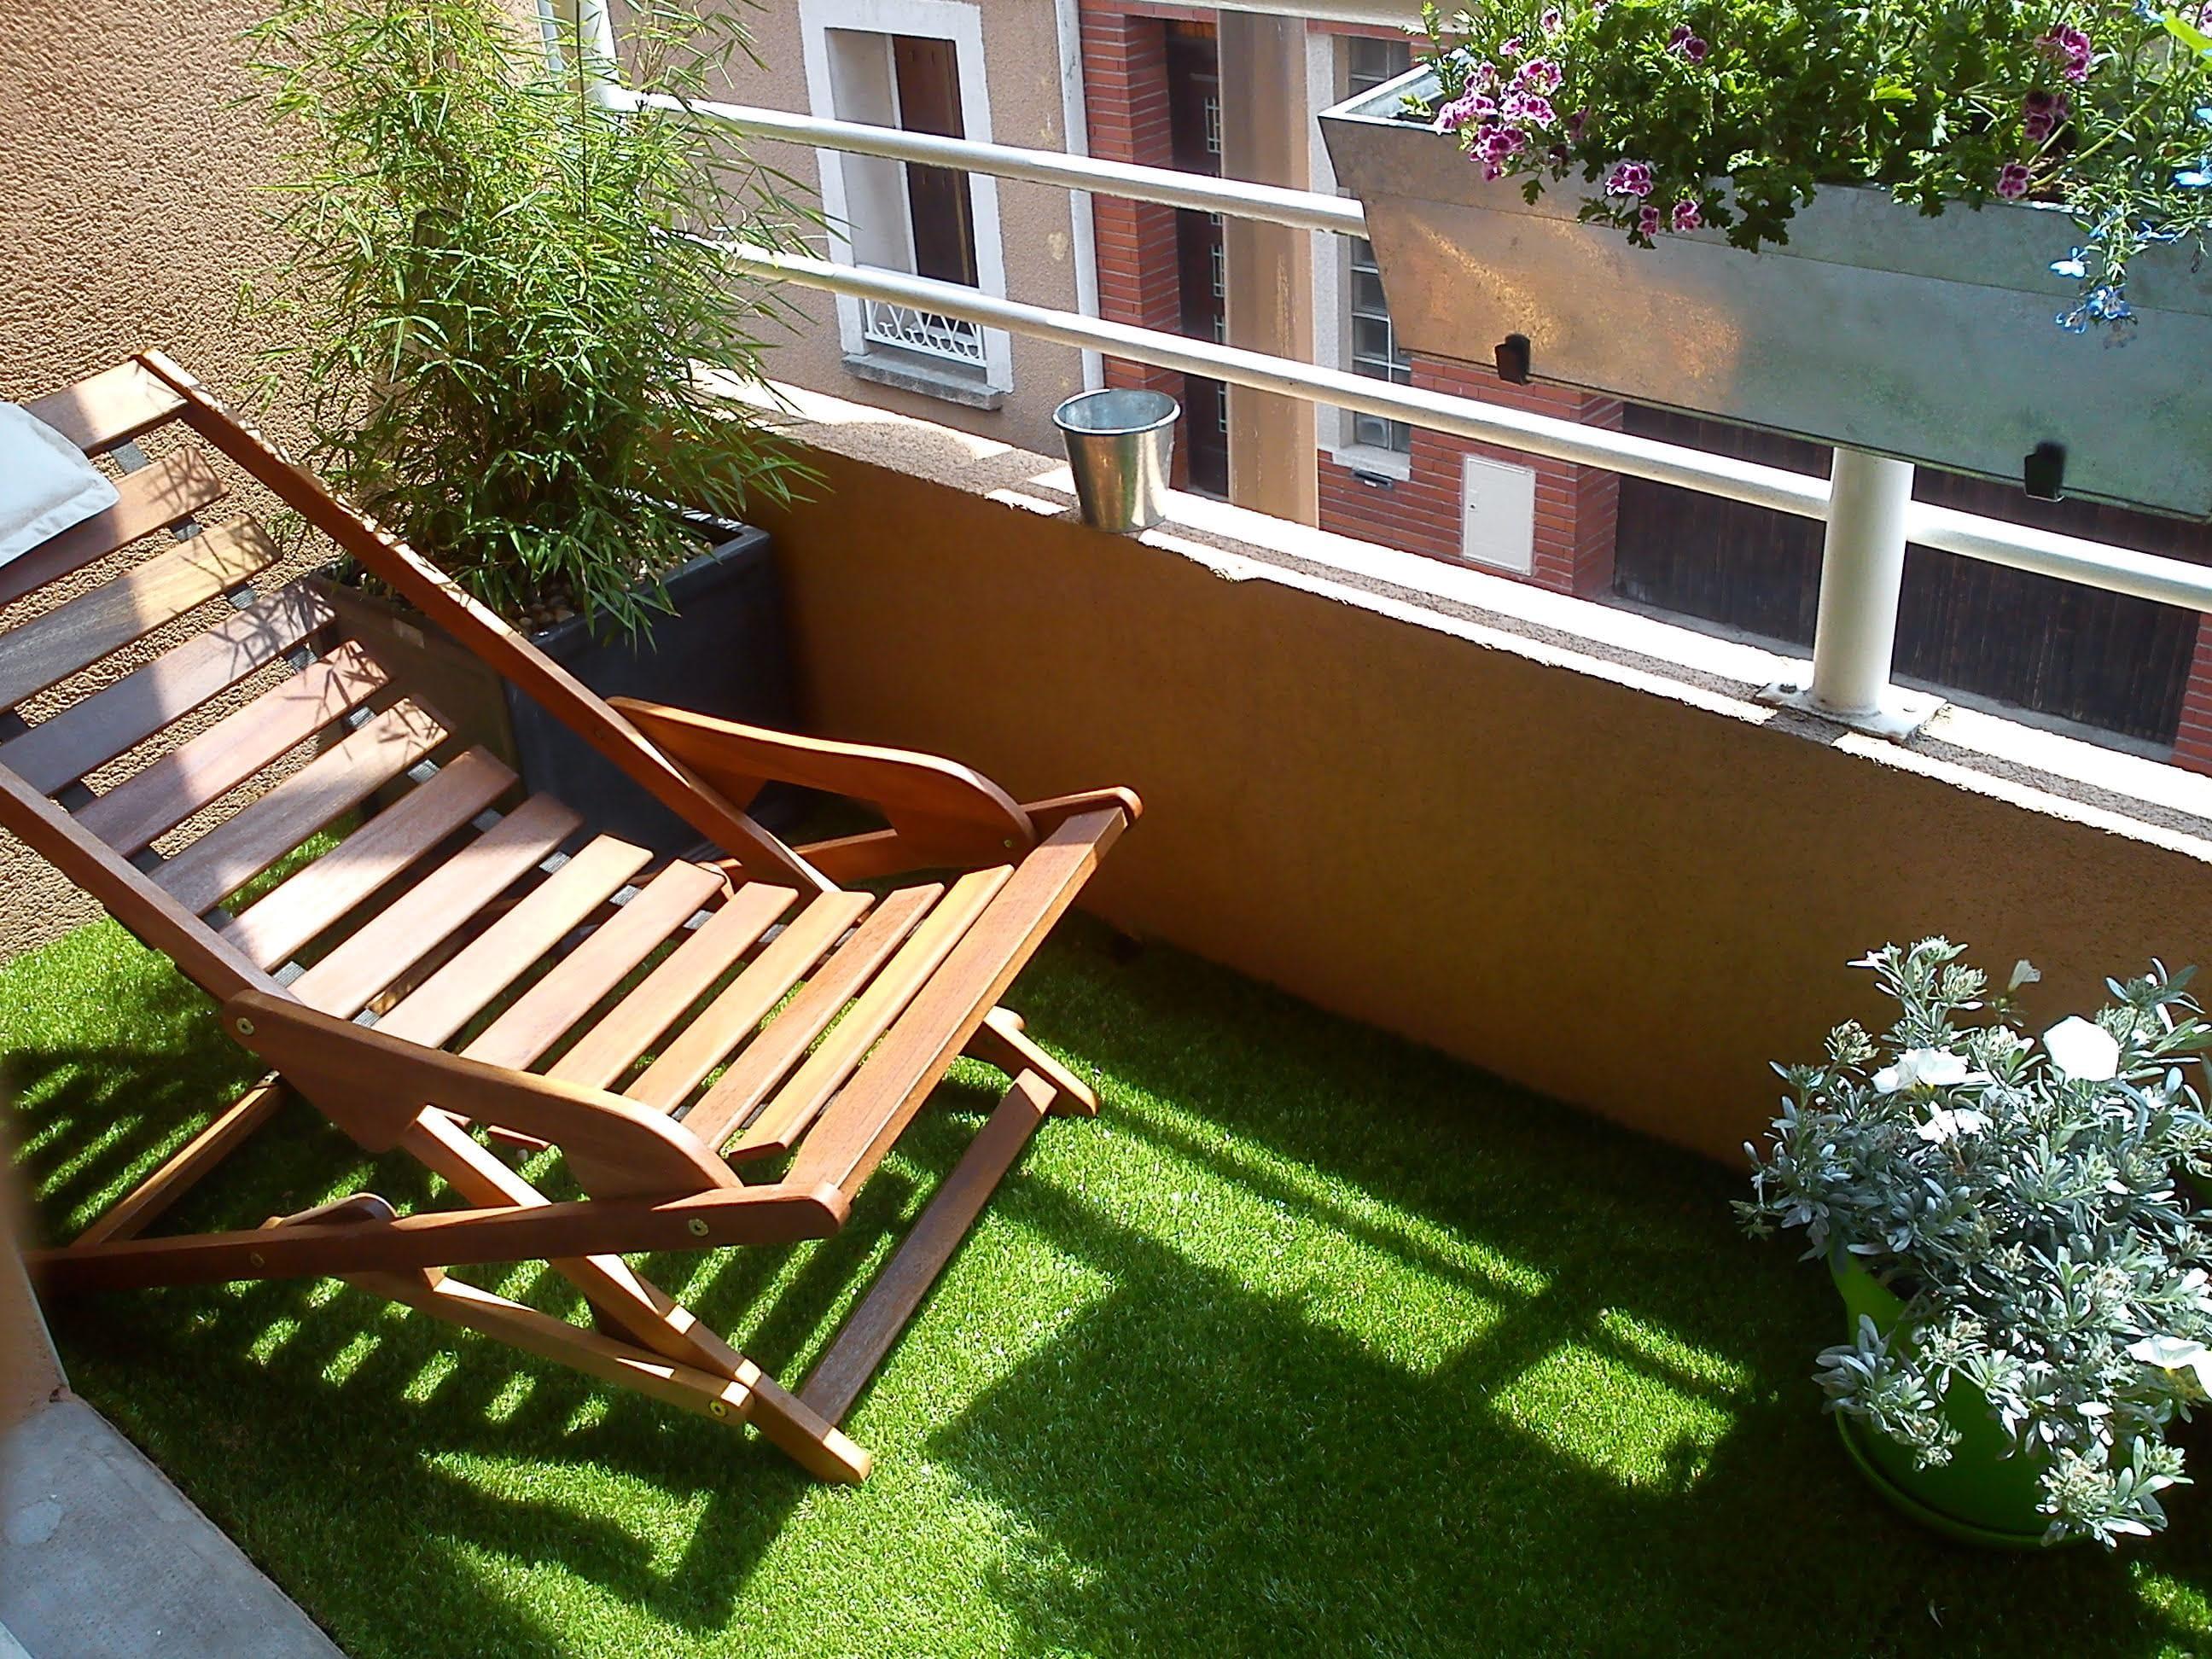 Souvent Bien choisir son gazon synthétique pour le balcon ou la terrasse VO55